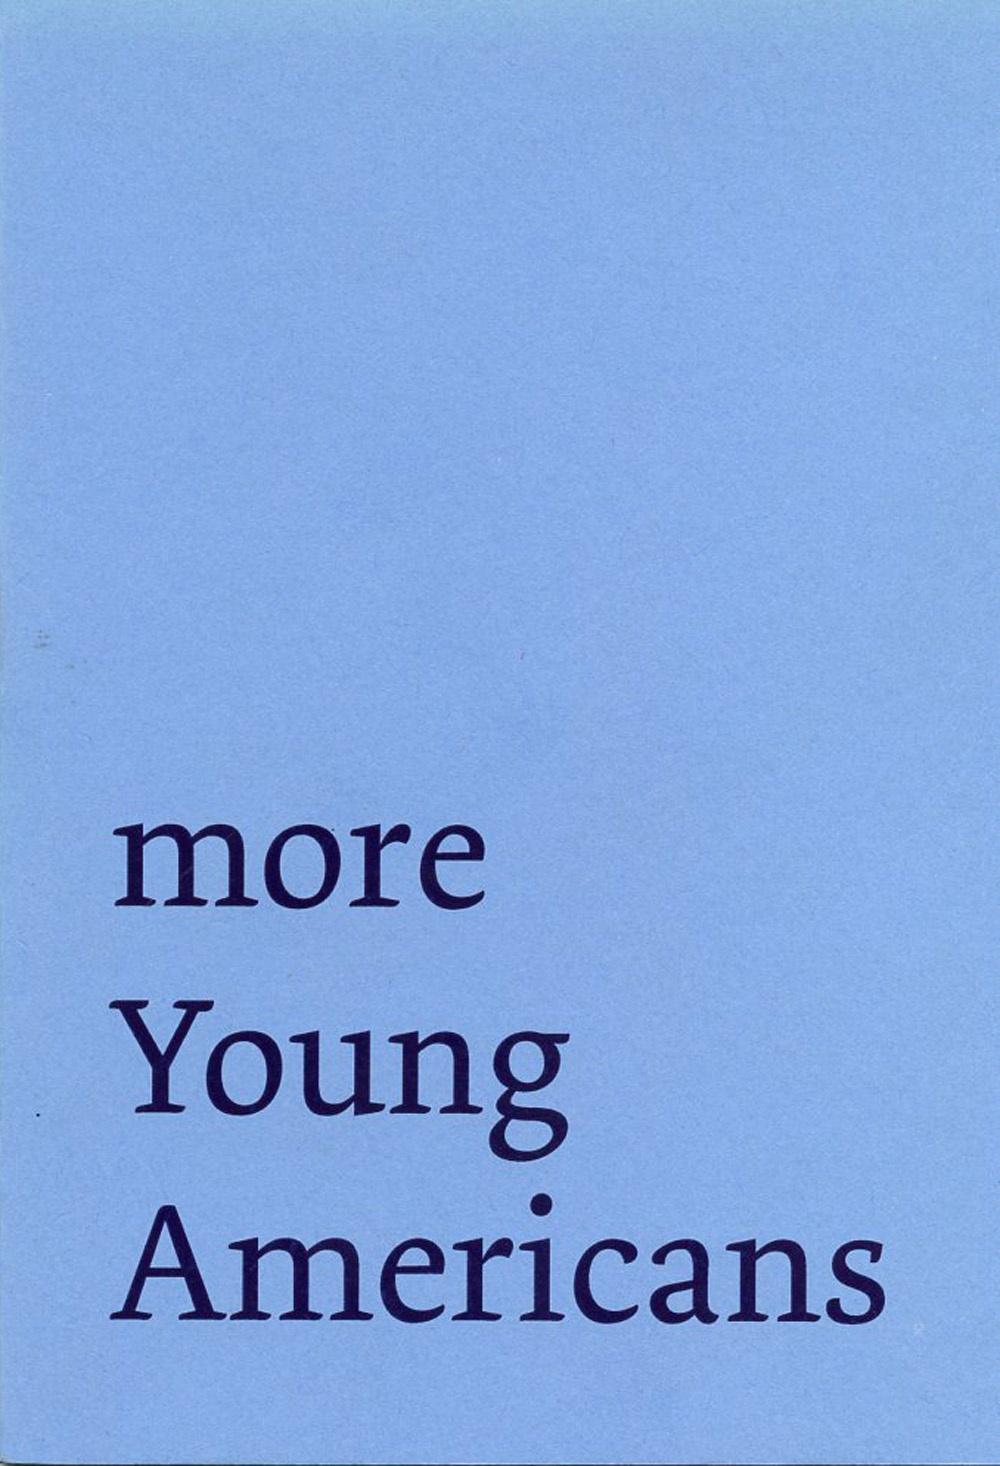 Derek Sullivan: more young Americans